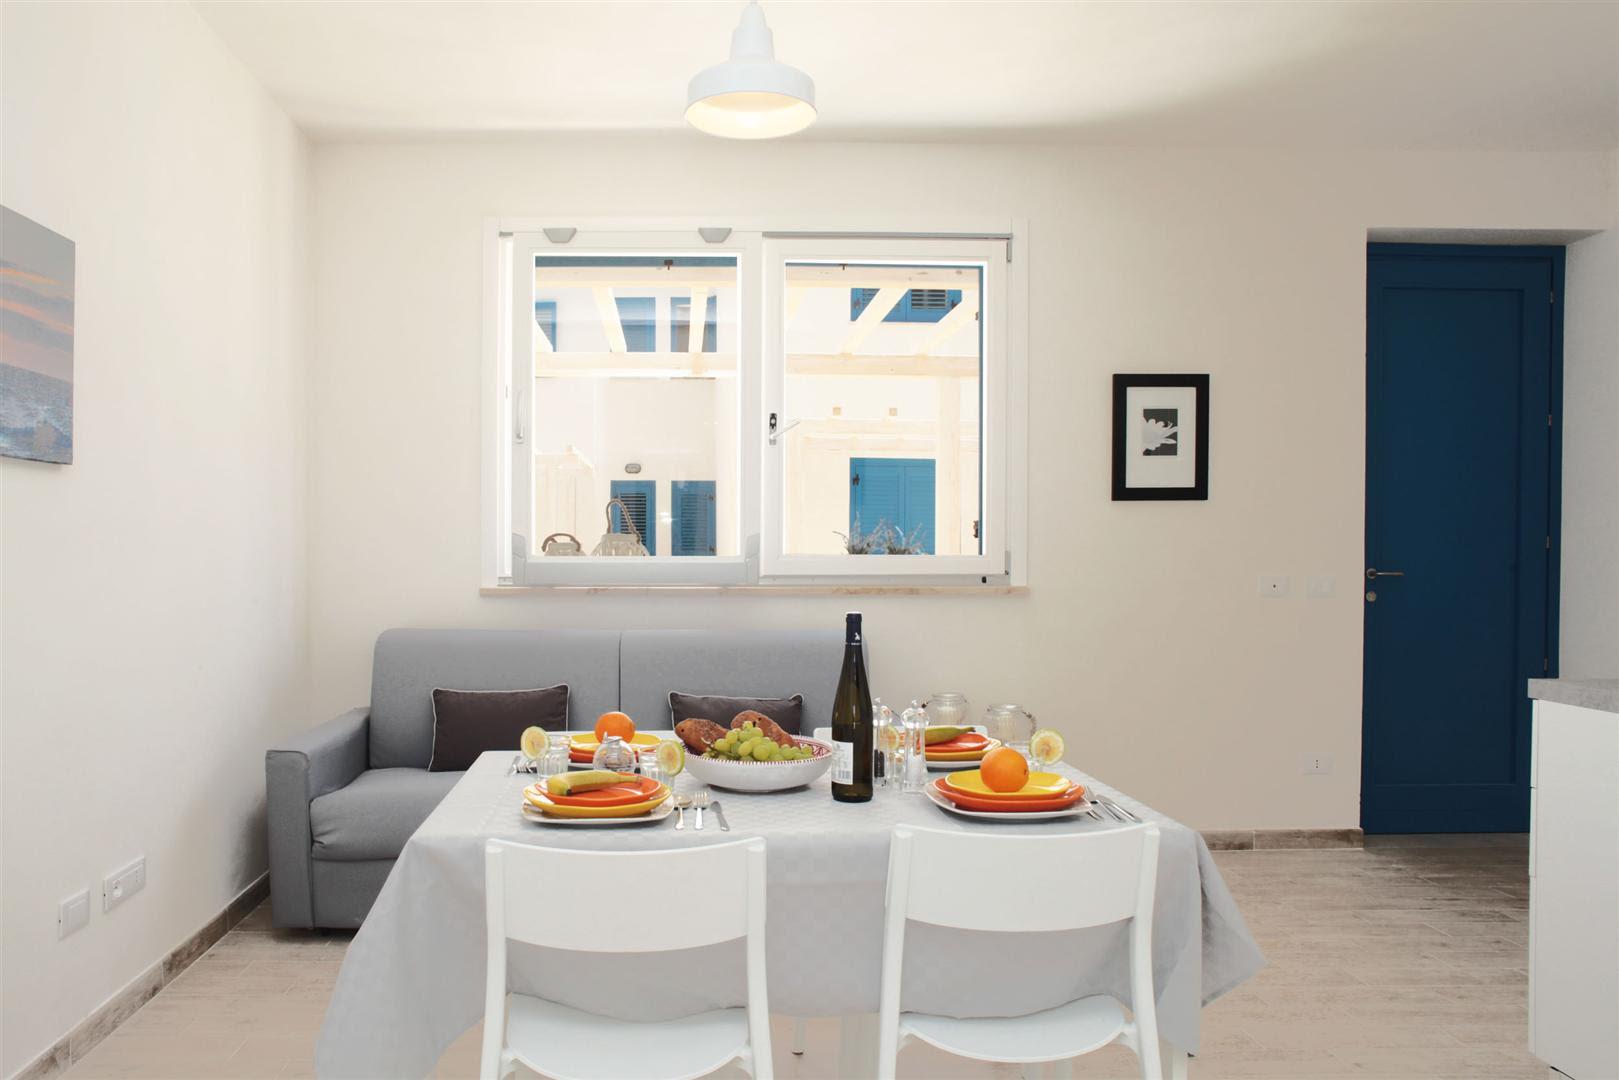 Cucina Soggiorno Con Veranda - Sterne Basteln